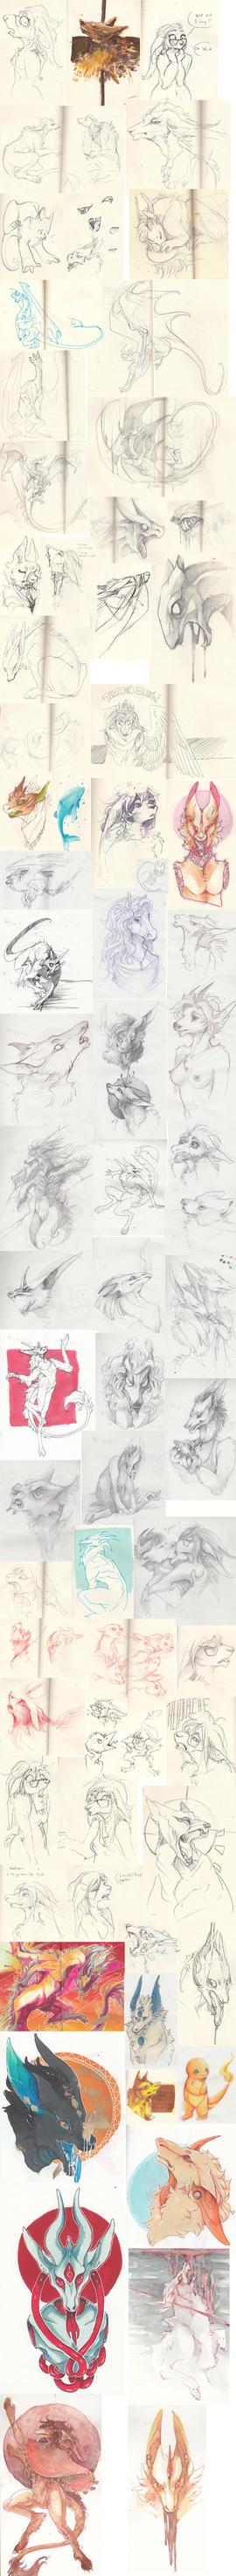 Doodle dump 20 by Ravoilie